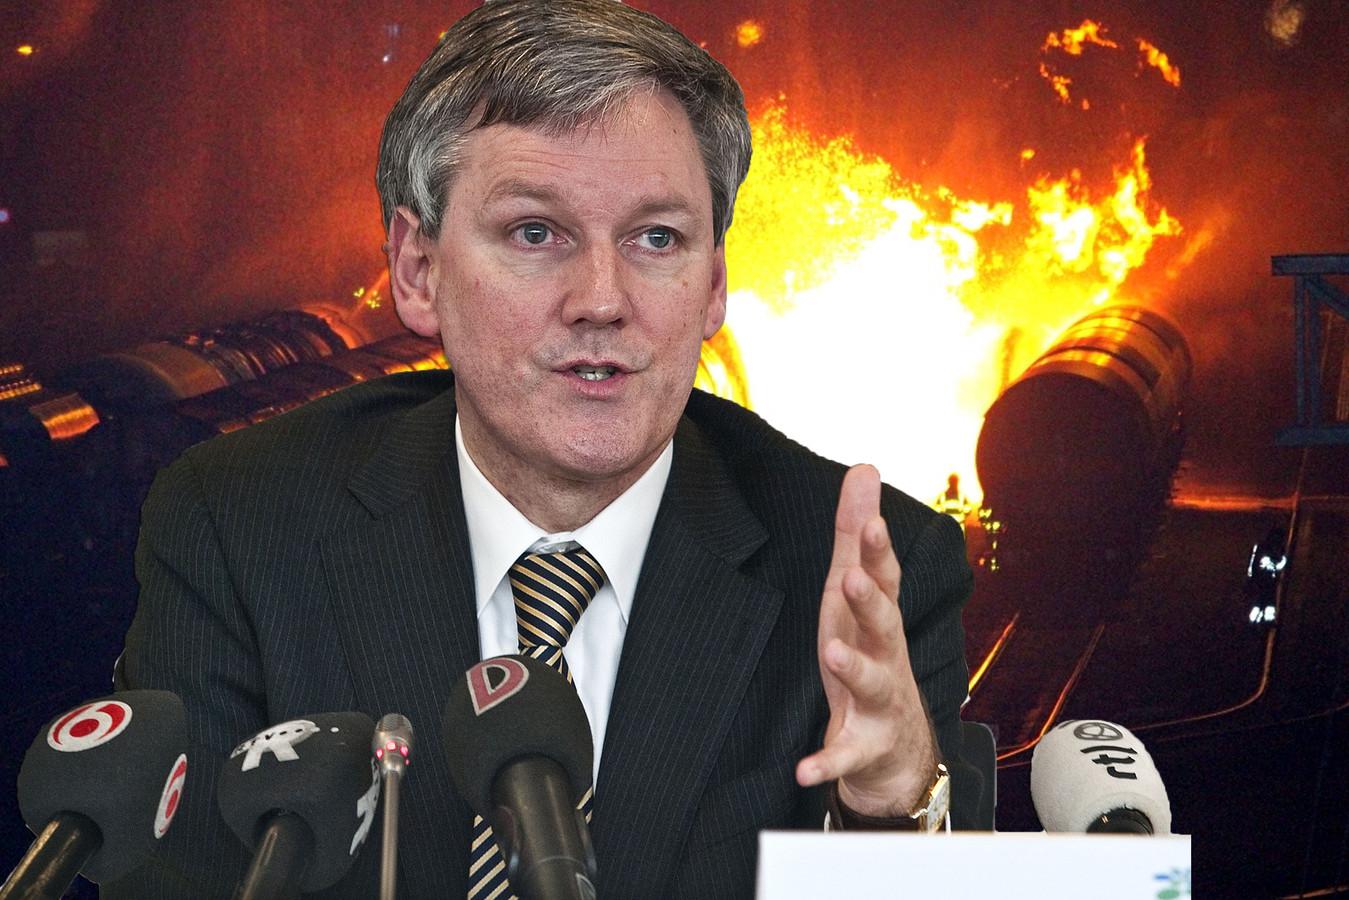 Toenmalig burgemeester Antoin Scholten spreekt voor de vaderlandse pers schande van de opstelling van ProRail.